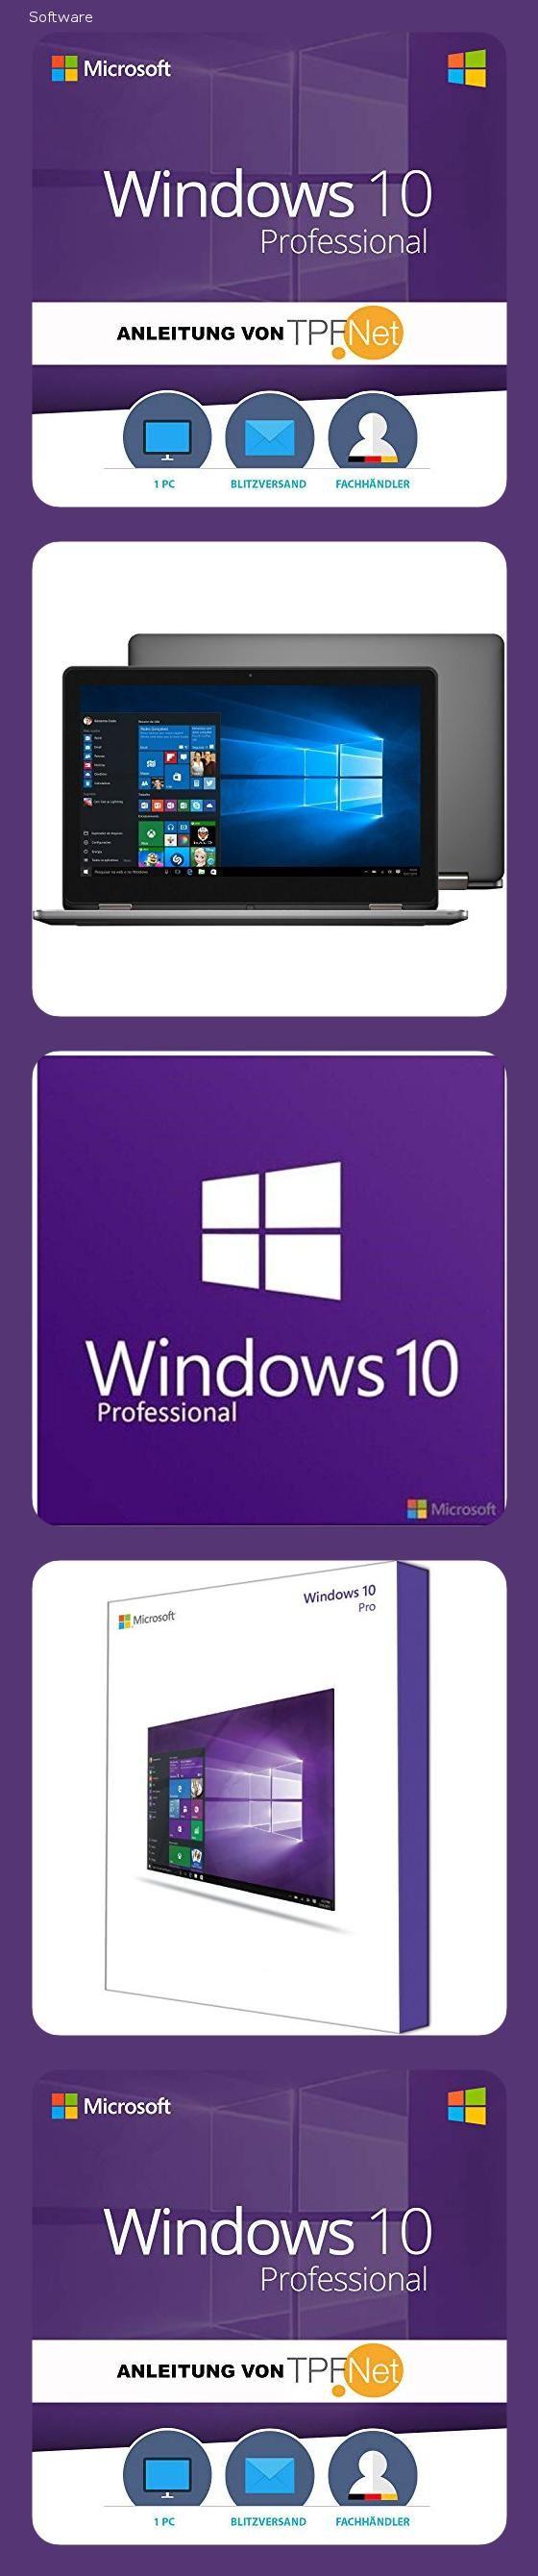 Original Ms Windows 10 Professional 64 Bit Deutsch Vollversion Originaler Lizenzschlussel Inkl Anleitung Von In 2020 Microsoft Windows 10 Frage Antwort Anleitungen